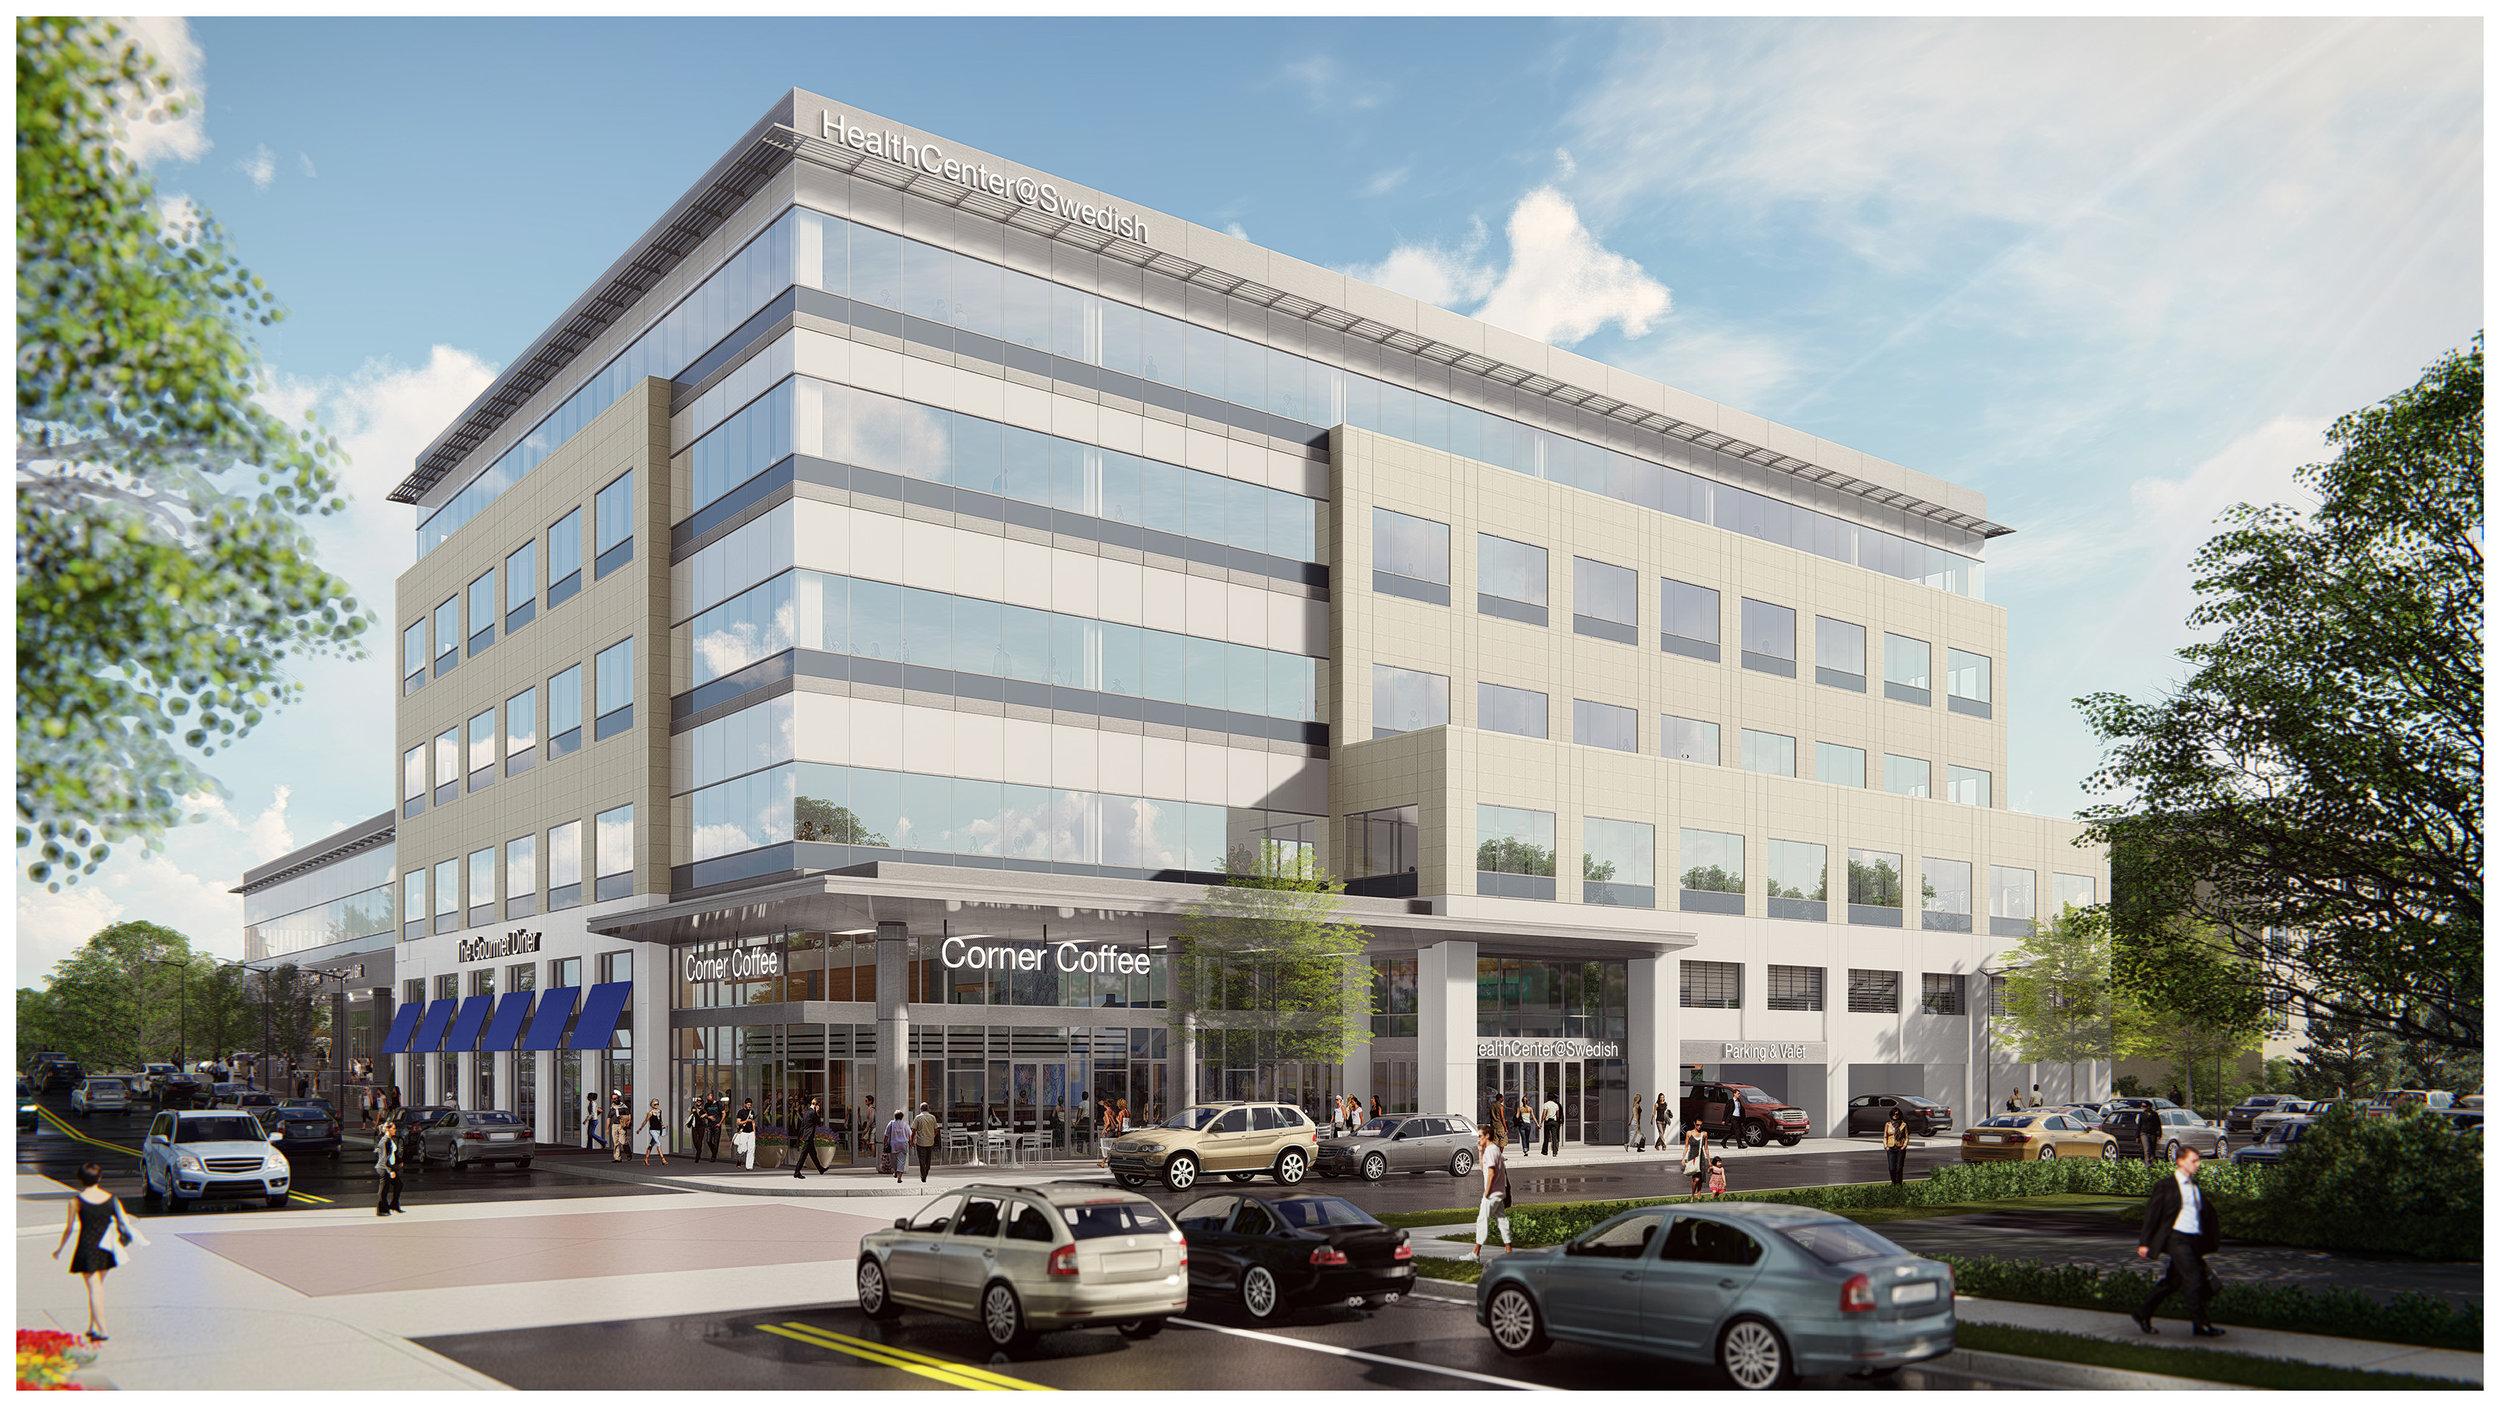 Health Center - scene 1.jpg